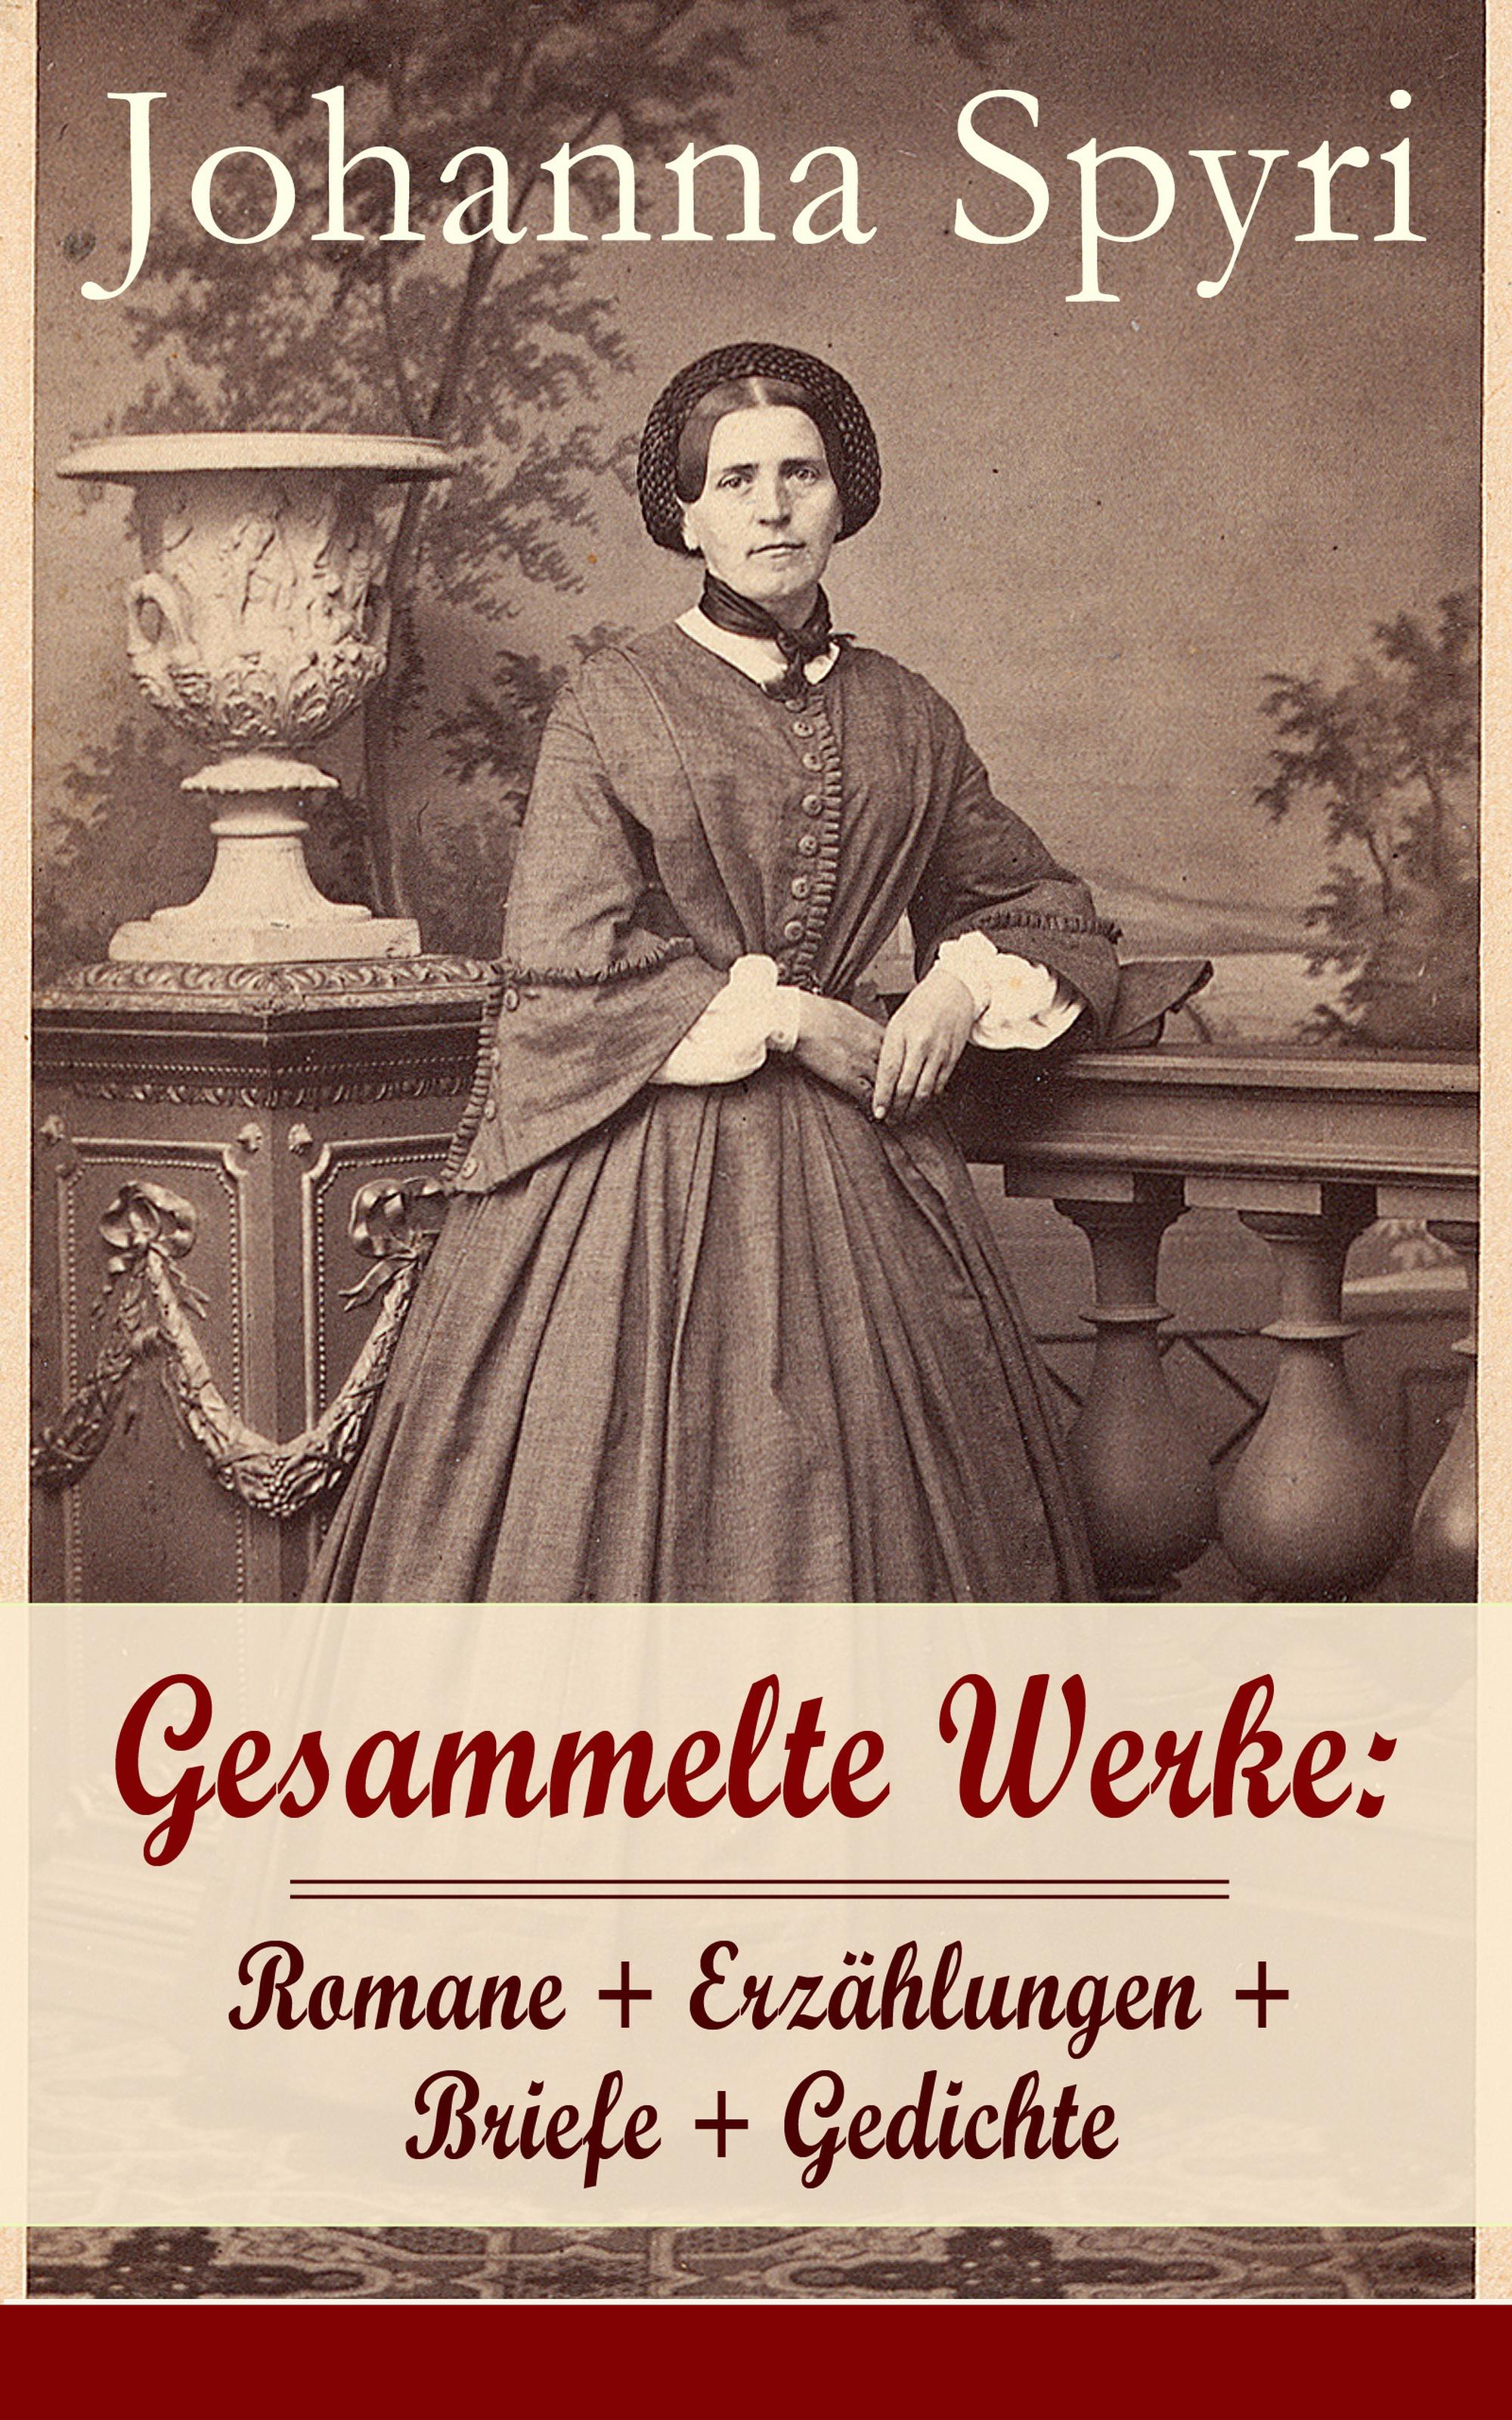 Johanna Spyri Gesammelte Werke: Romane + Erzählungen + Briefe + Gedichte louise otto gesammelte werke romane frauenbewegung essays biografien gedichte